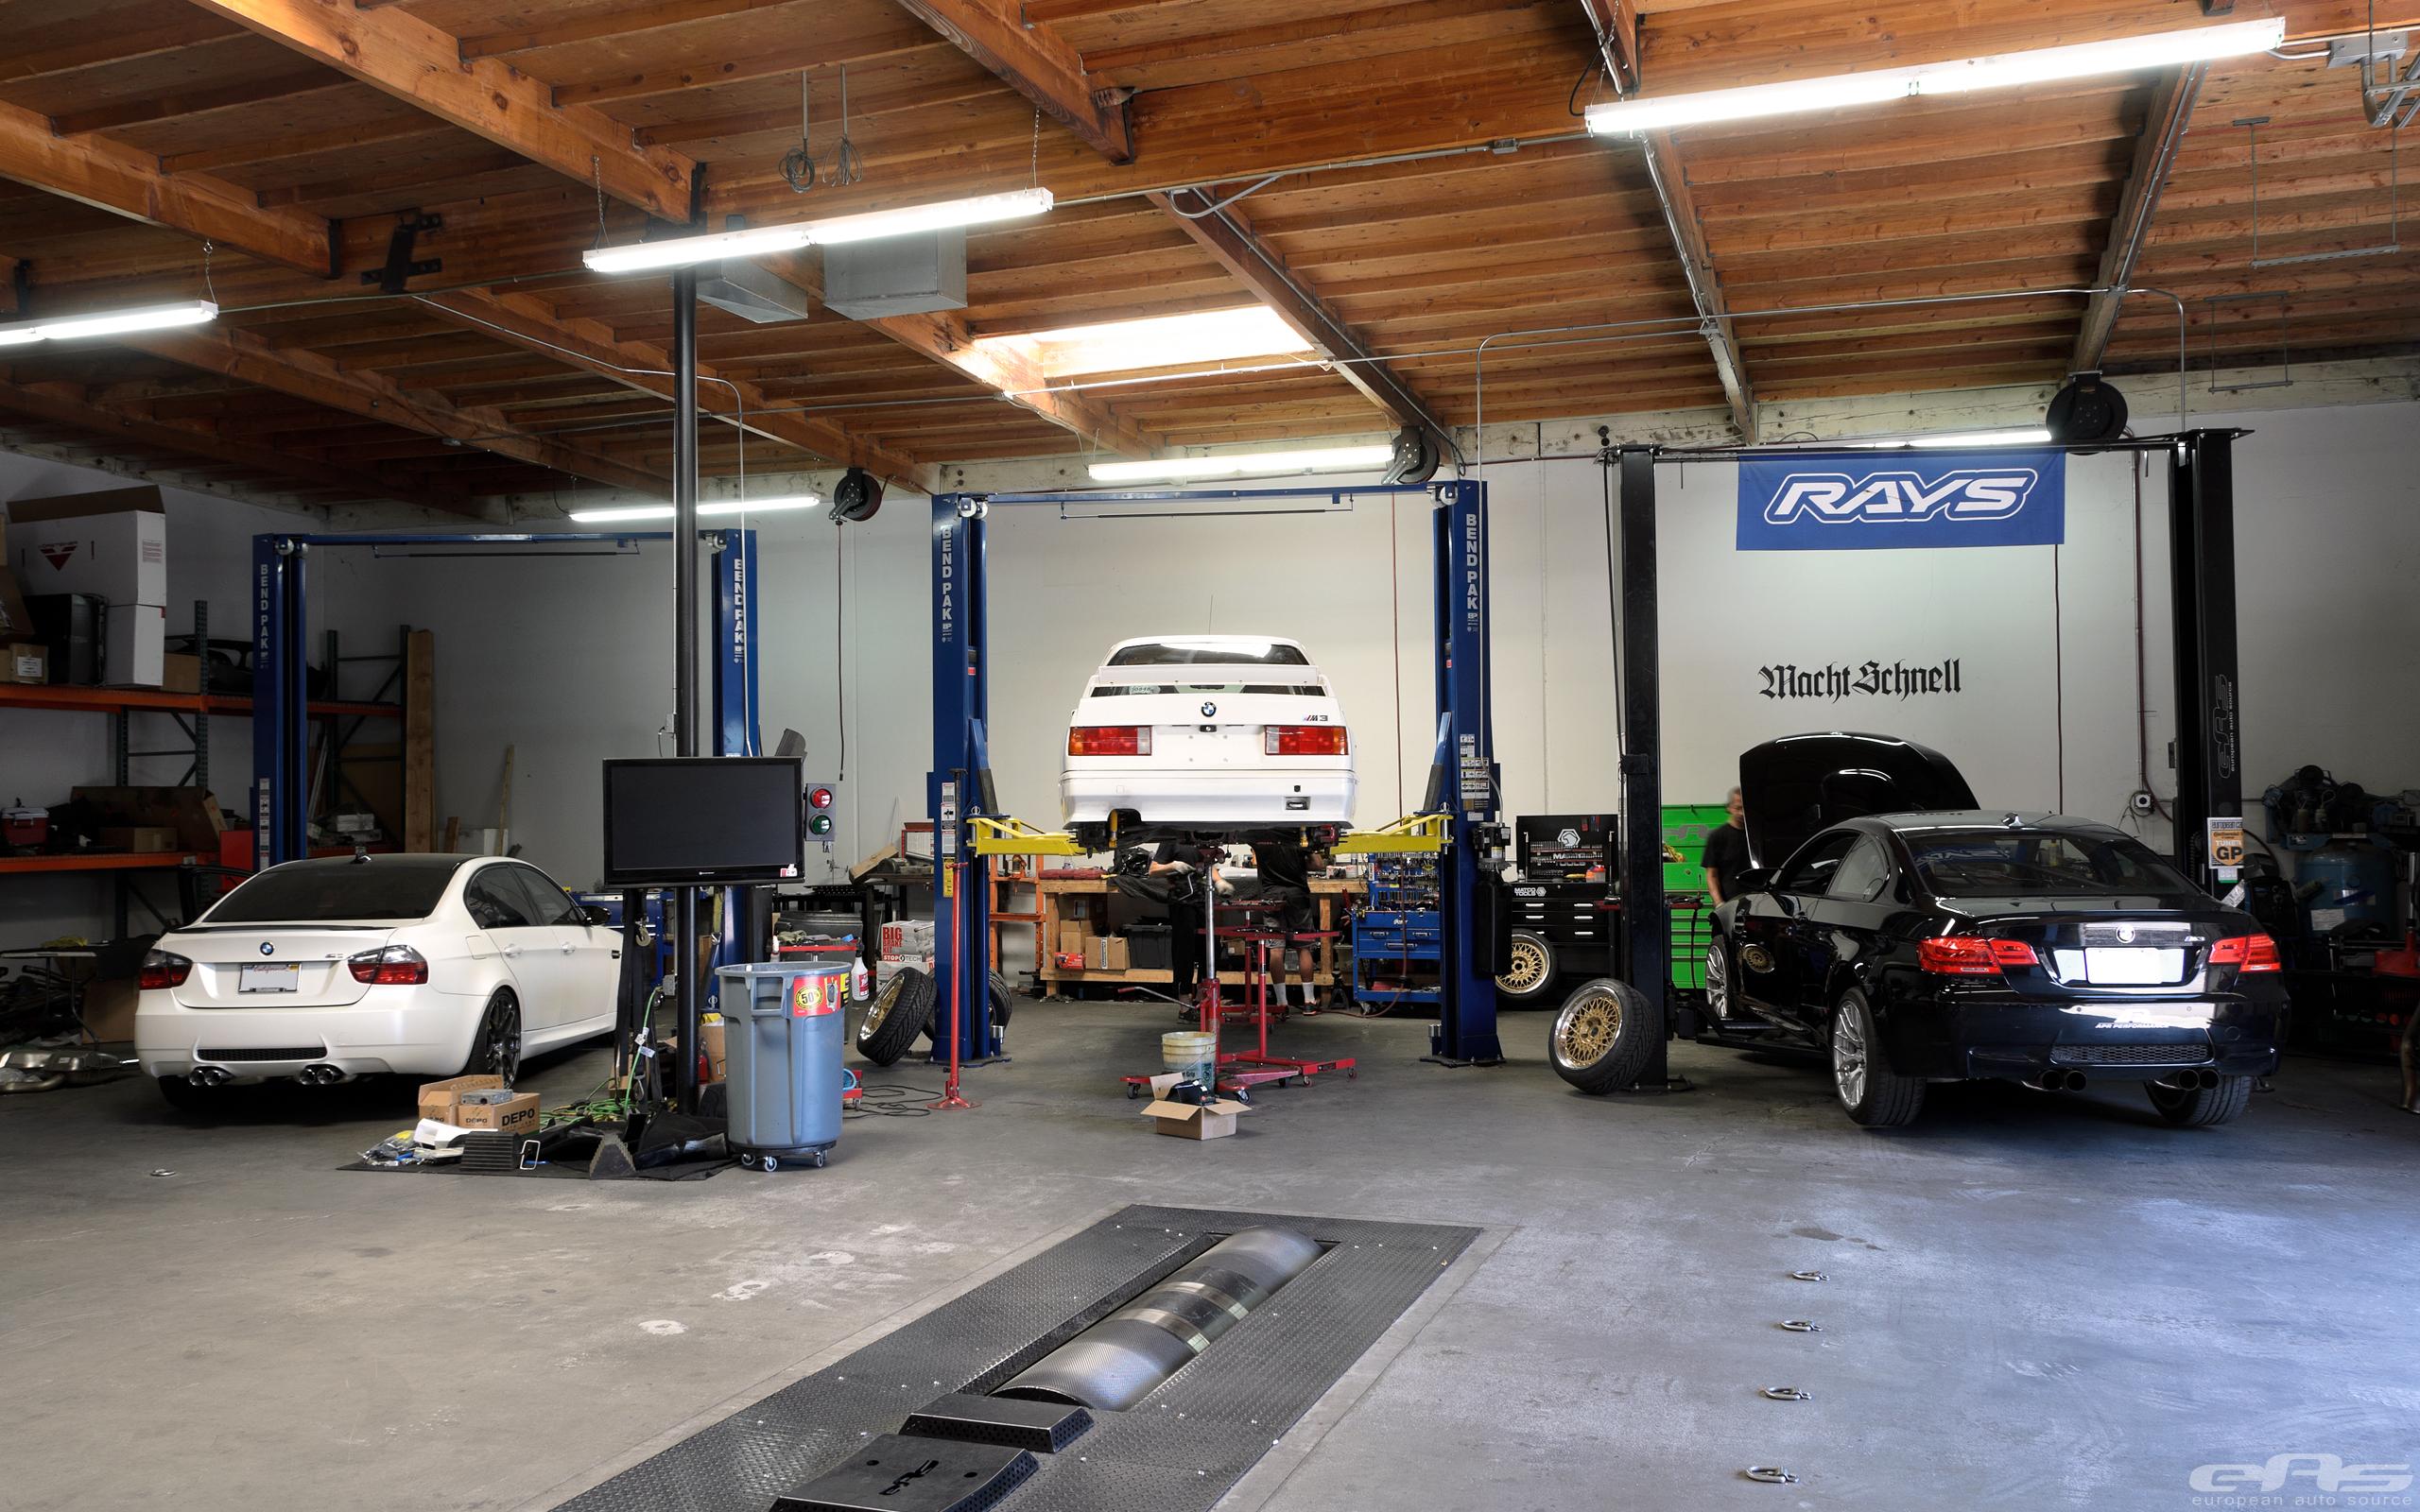 Alpine White E30 M3 Build | BMW Performance Parts & Services